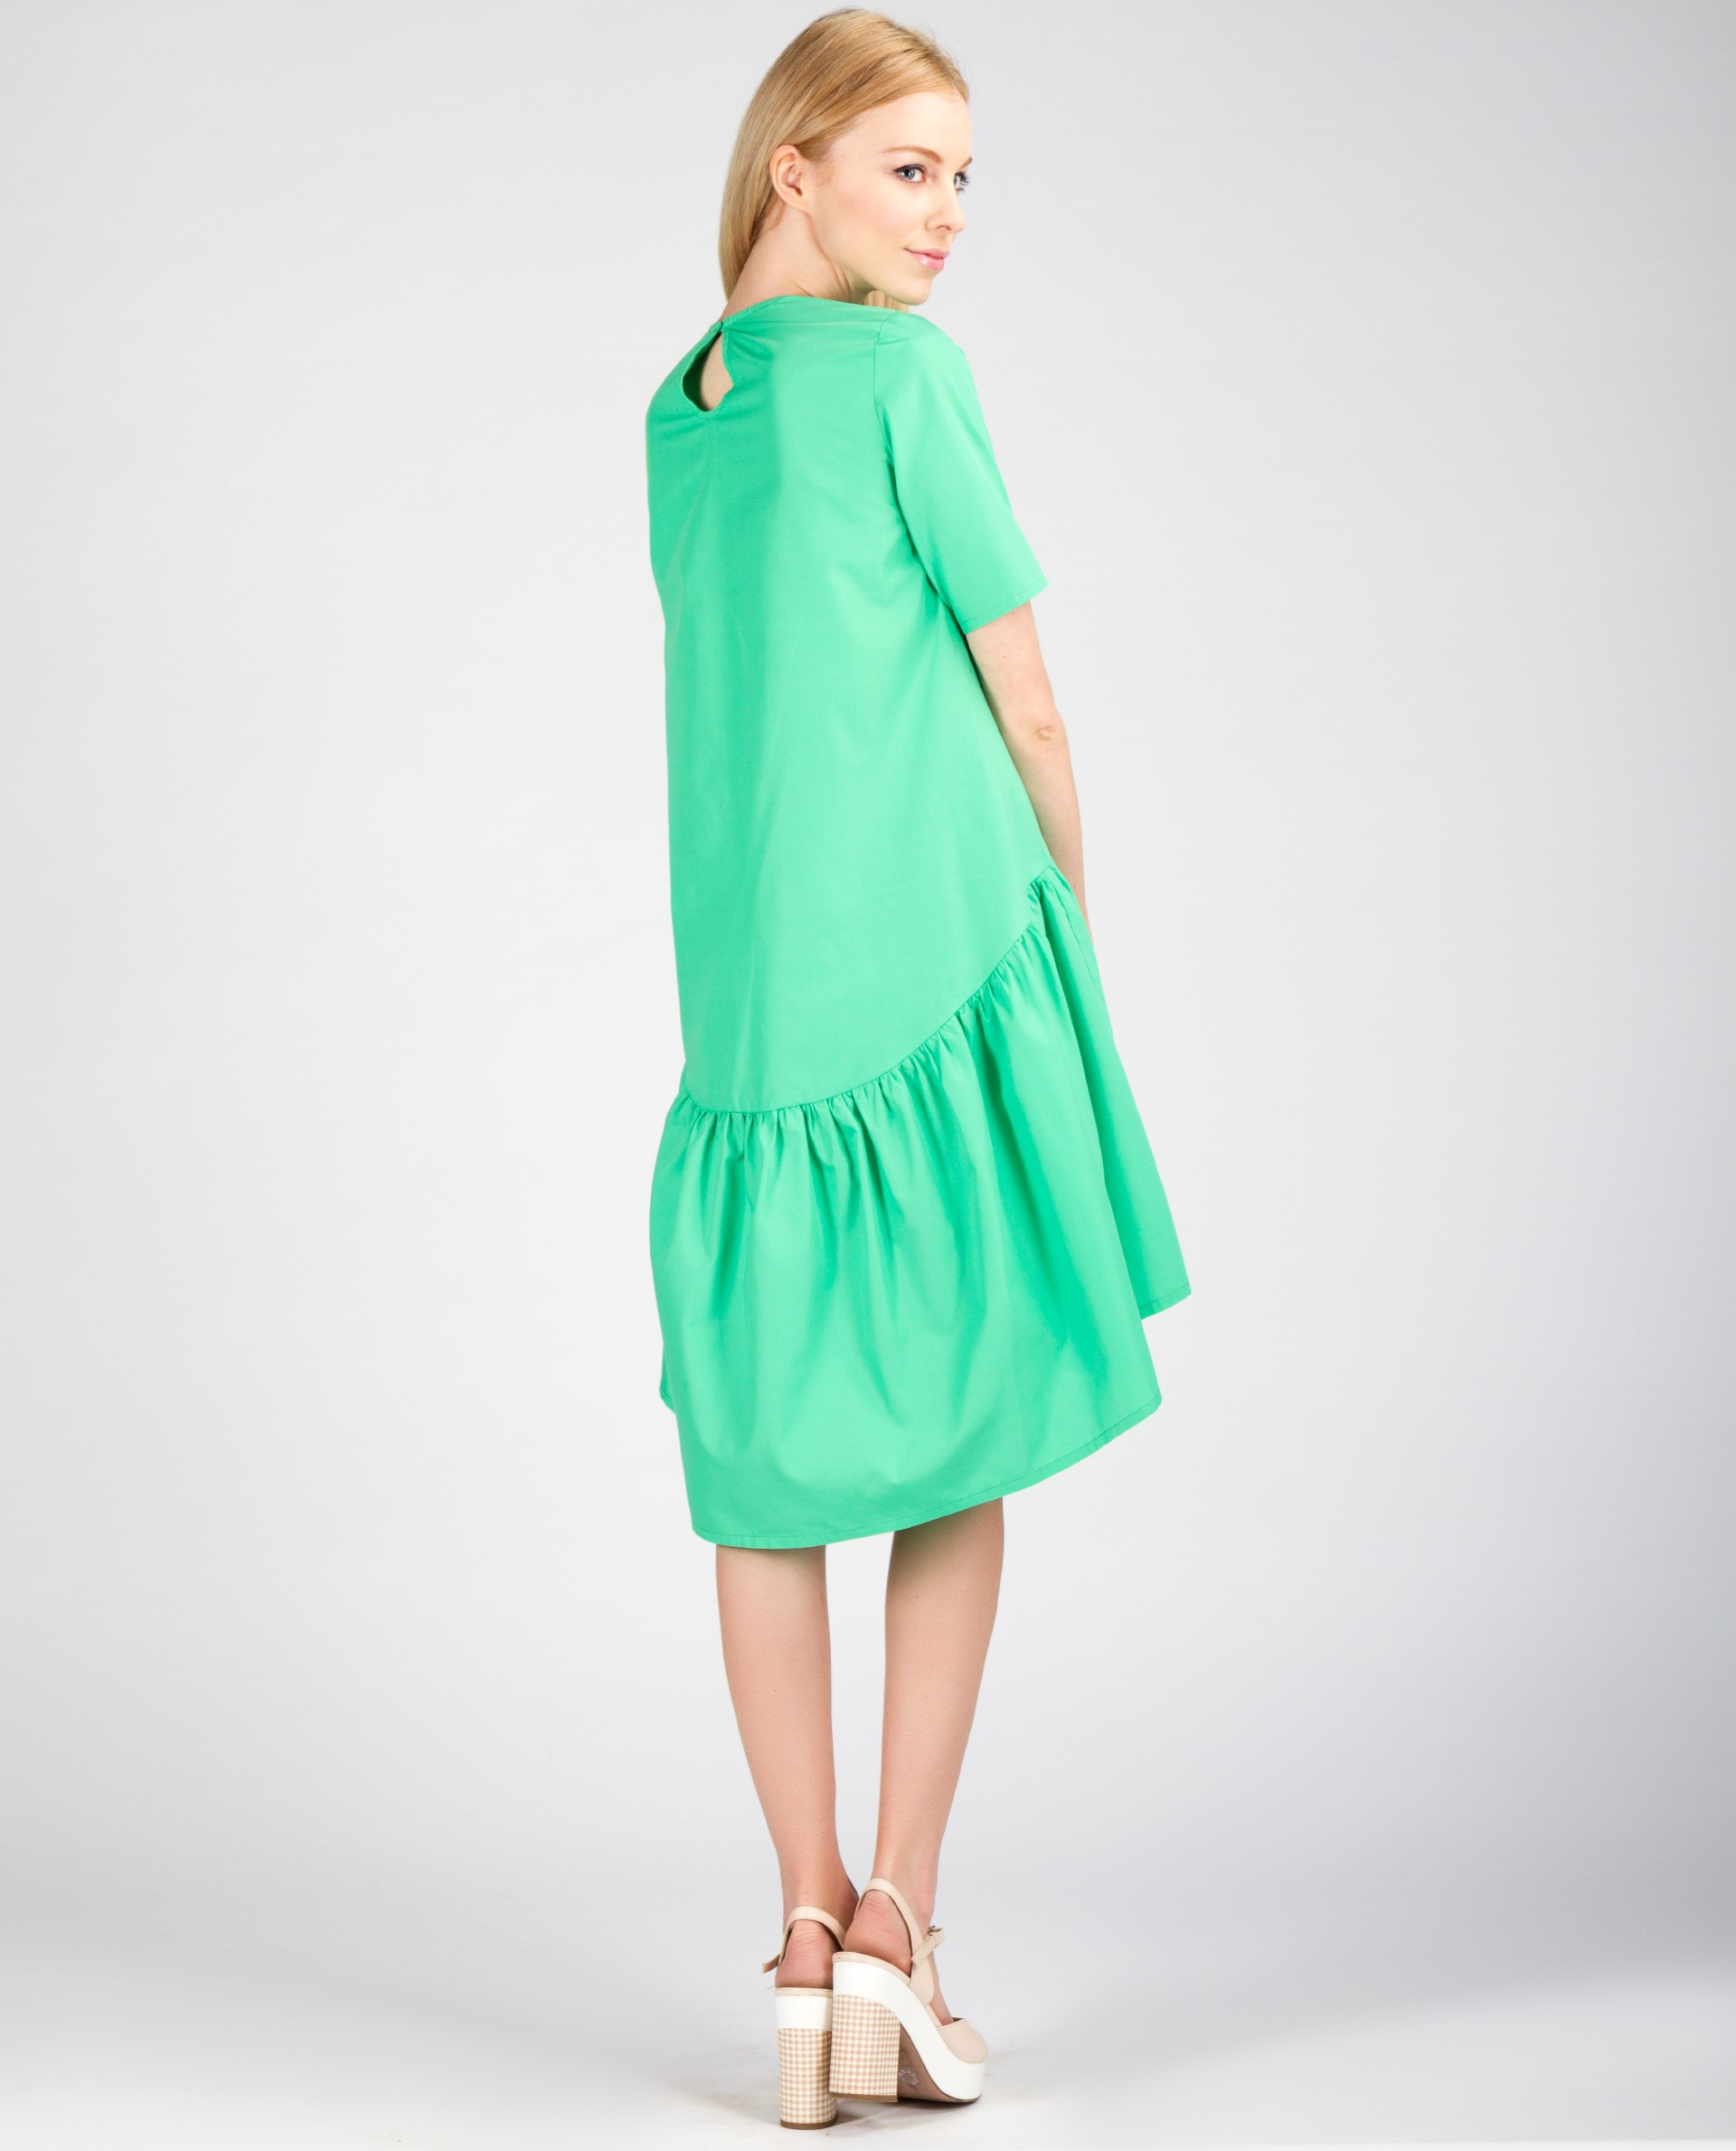 Купить Платье С Воланом Внизу